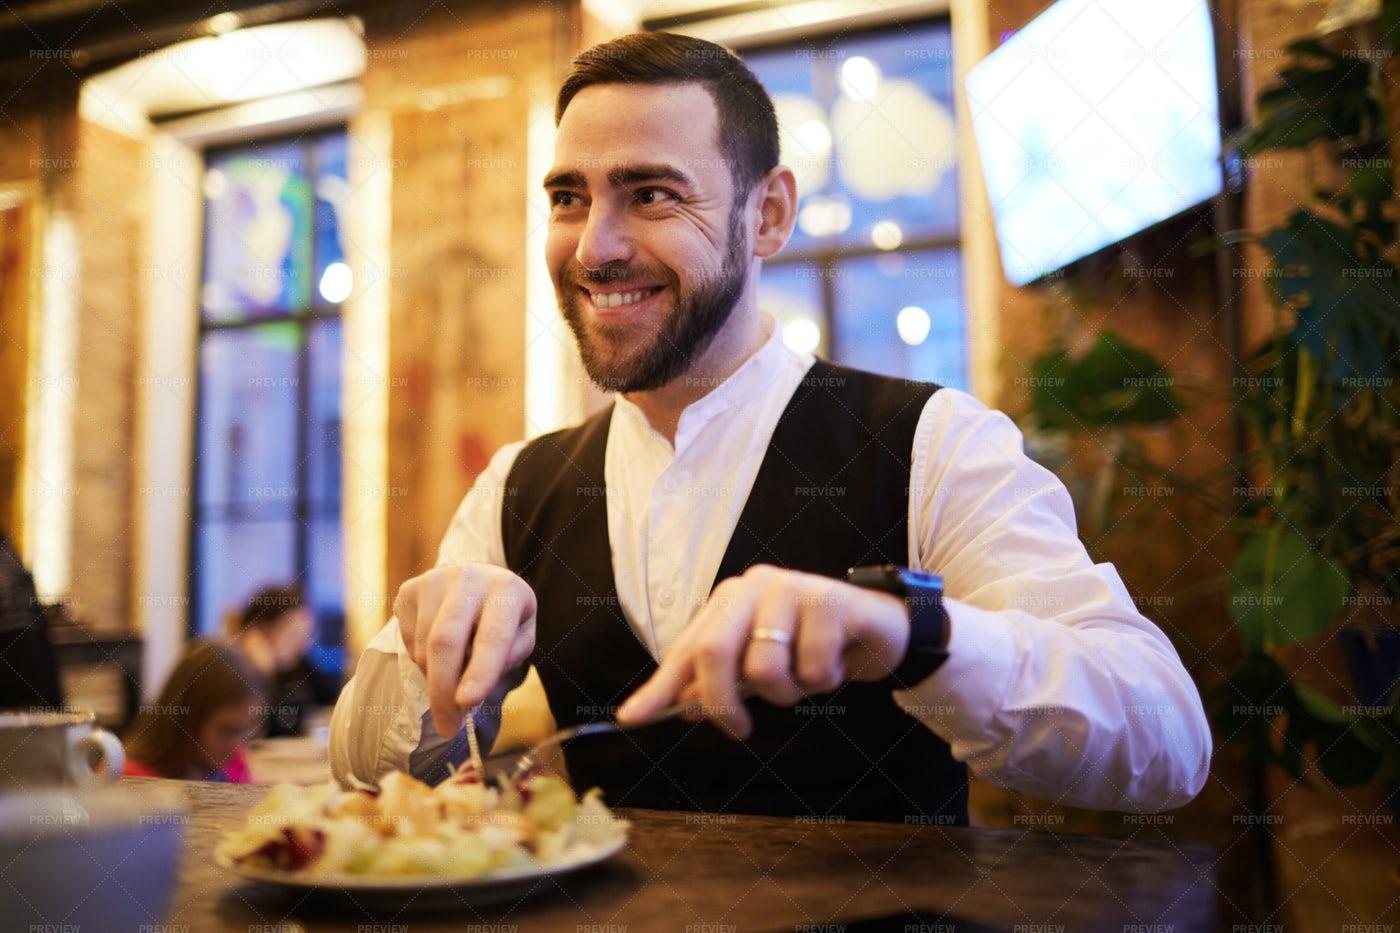 Businessman Eating Food: Stock Photos